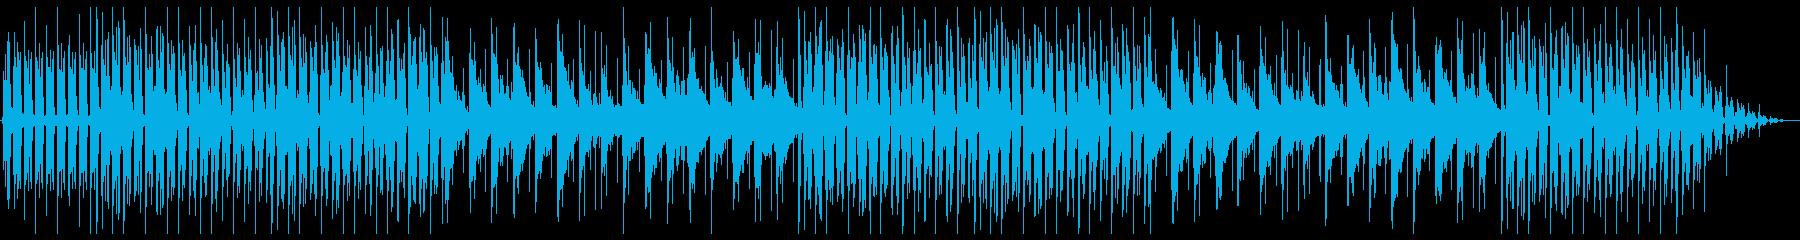 まったりのどかなアコースティックポップの再生済みの波形